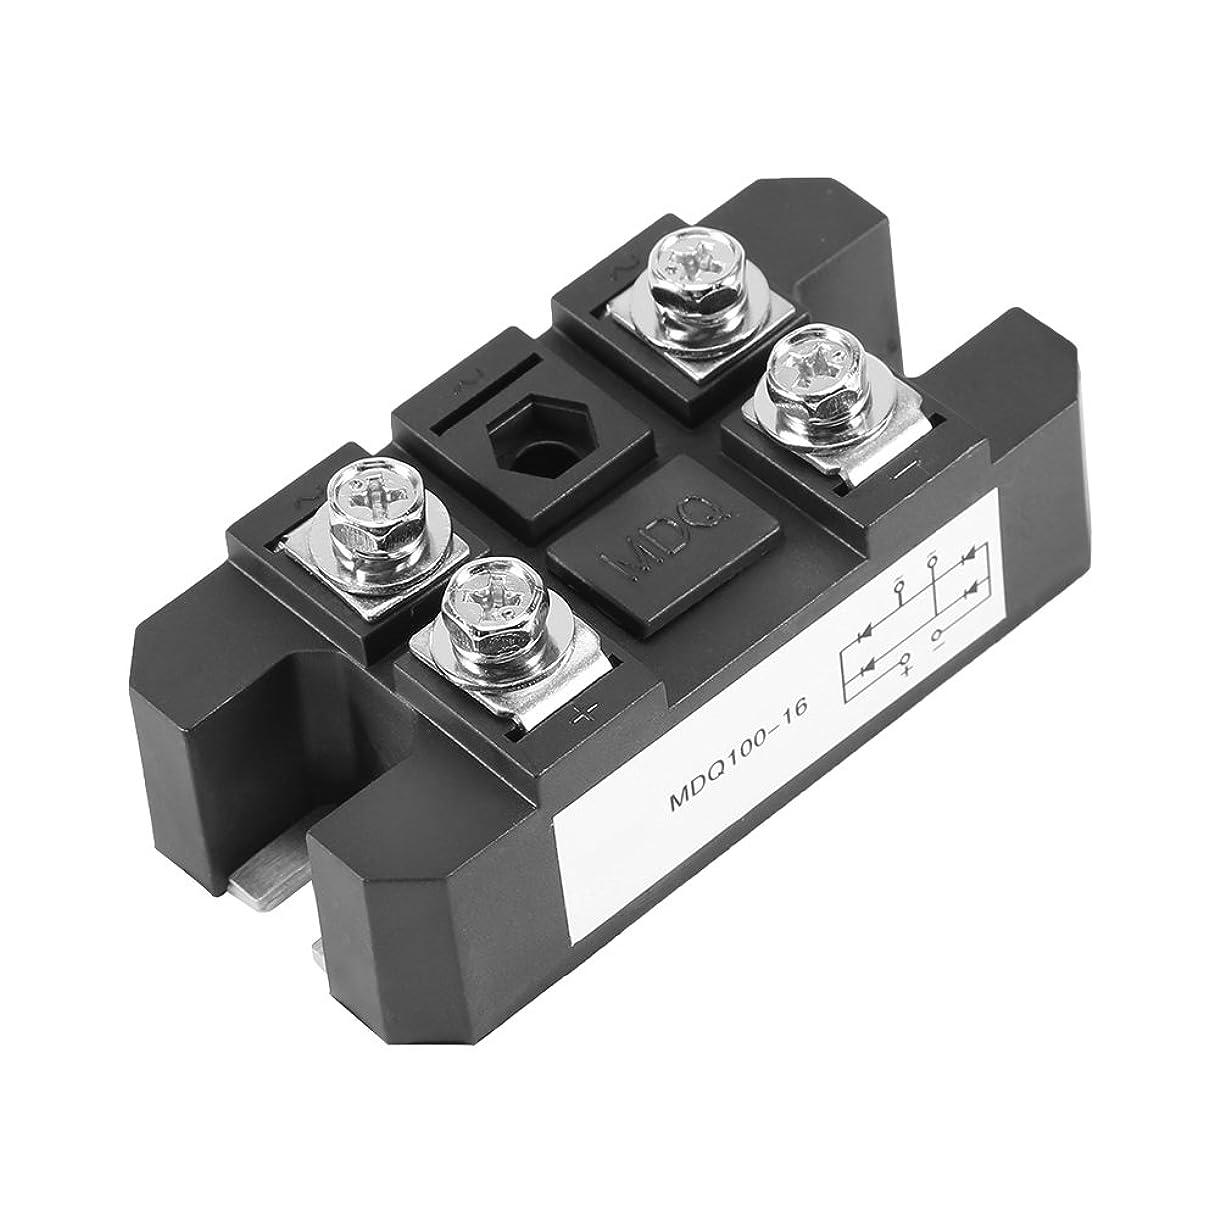 刺す抜本的なに勝る1pc単相ダイオードブリッジ整流器モジュール100A 1600V高出力4端子